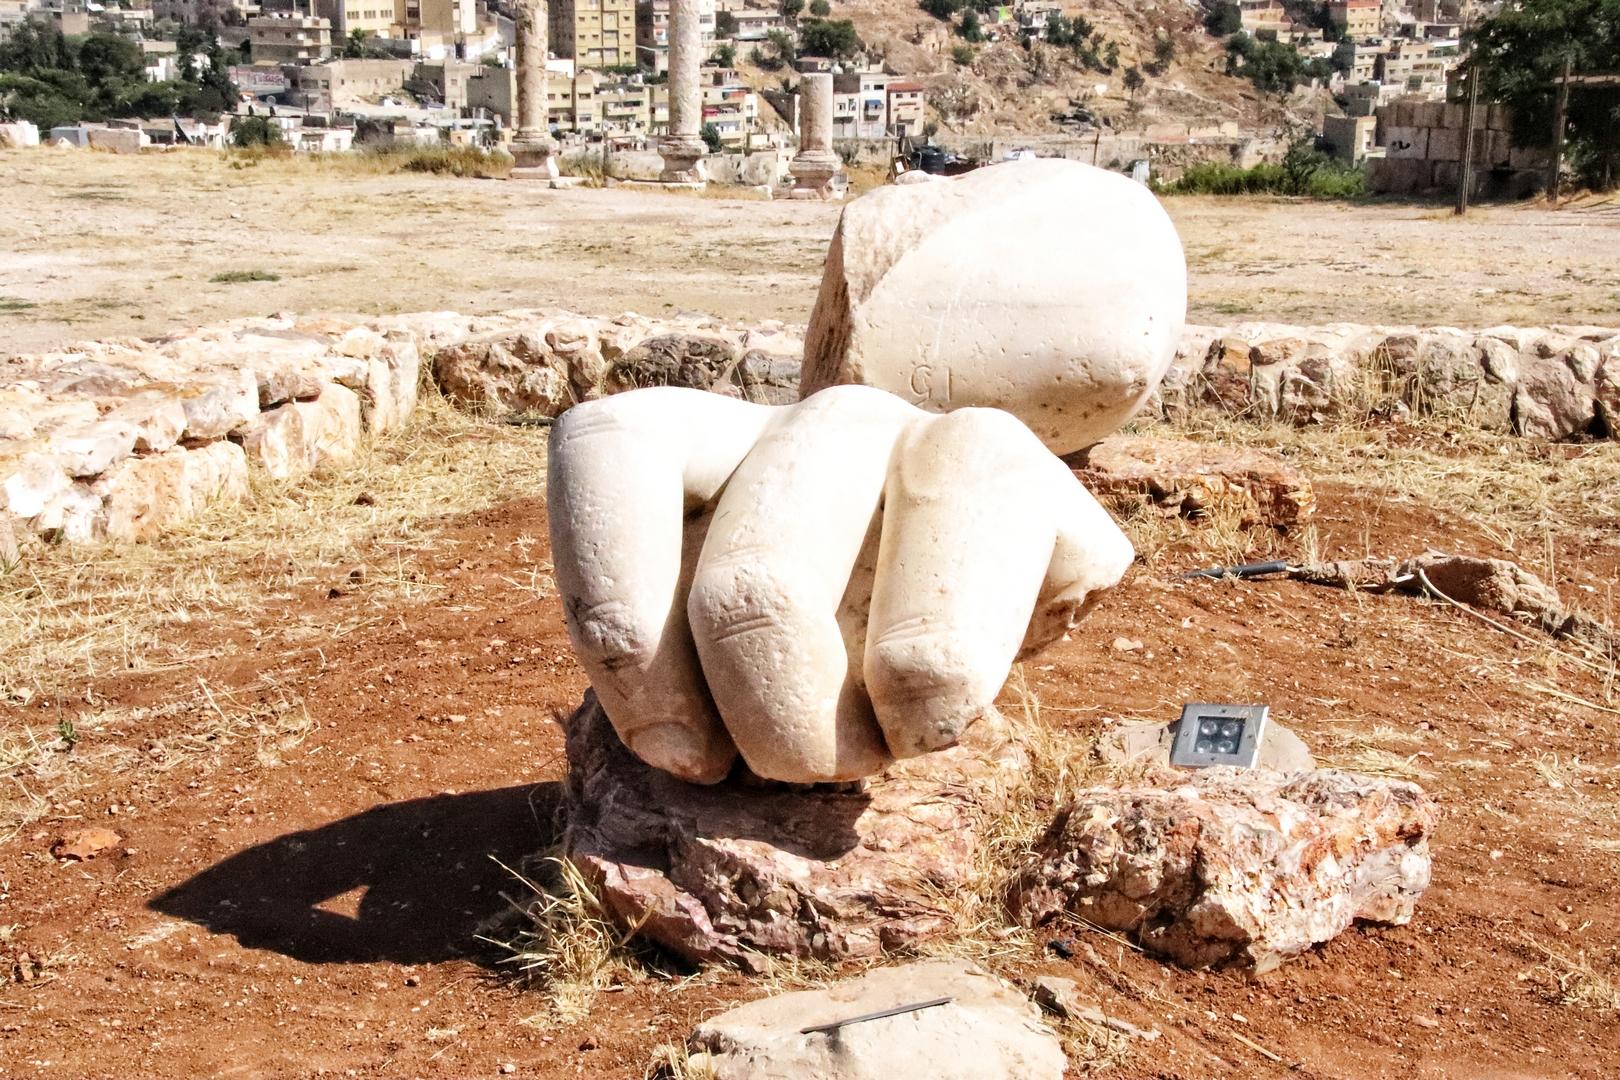 Jordanie - La citadelle d'Amman (Jabal al-Qal'a)